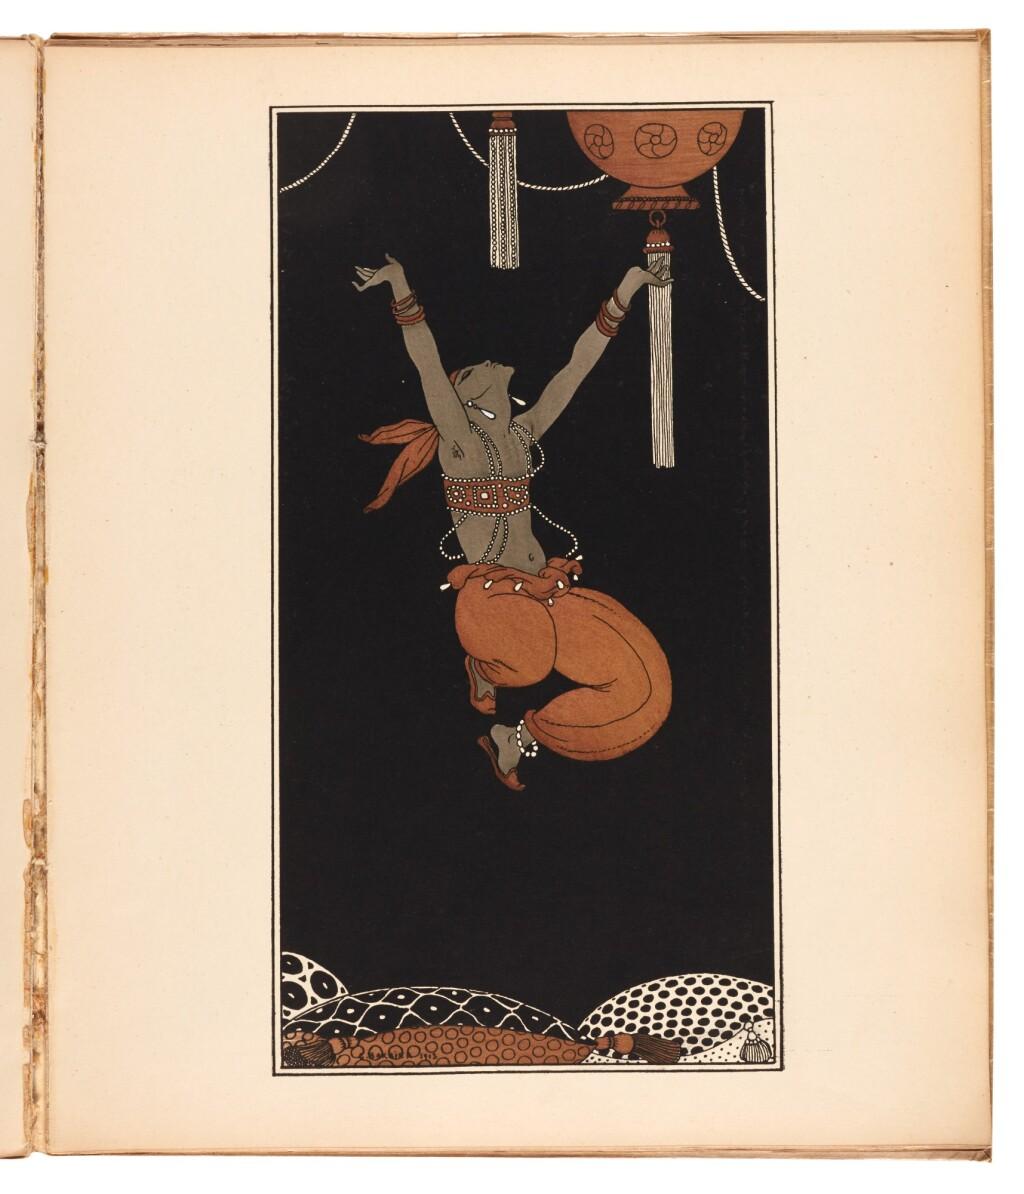 MIOMANDRE, FRANCIS DE | DESSINS SUR LES DANSES DE VASLAV NIJINSKY. PARIS: LA BELLE ÉDITION, 1913